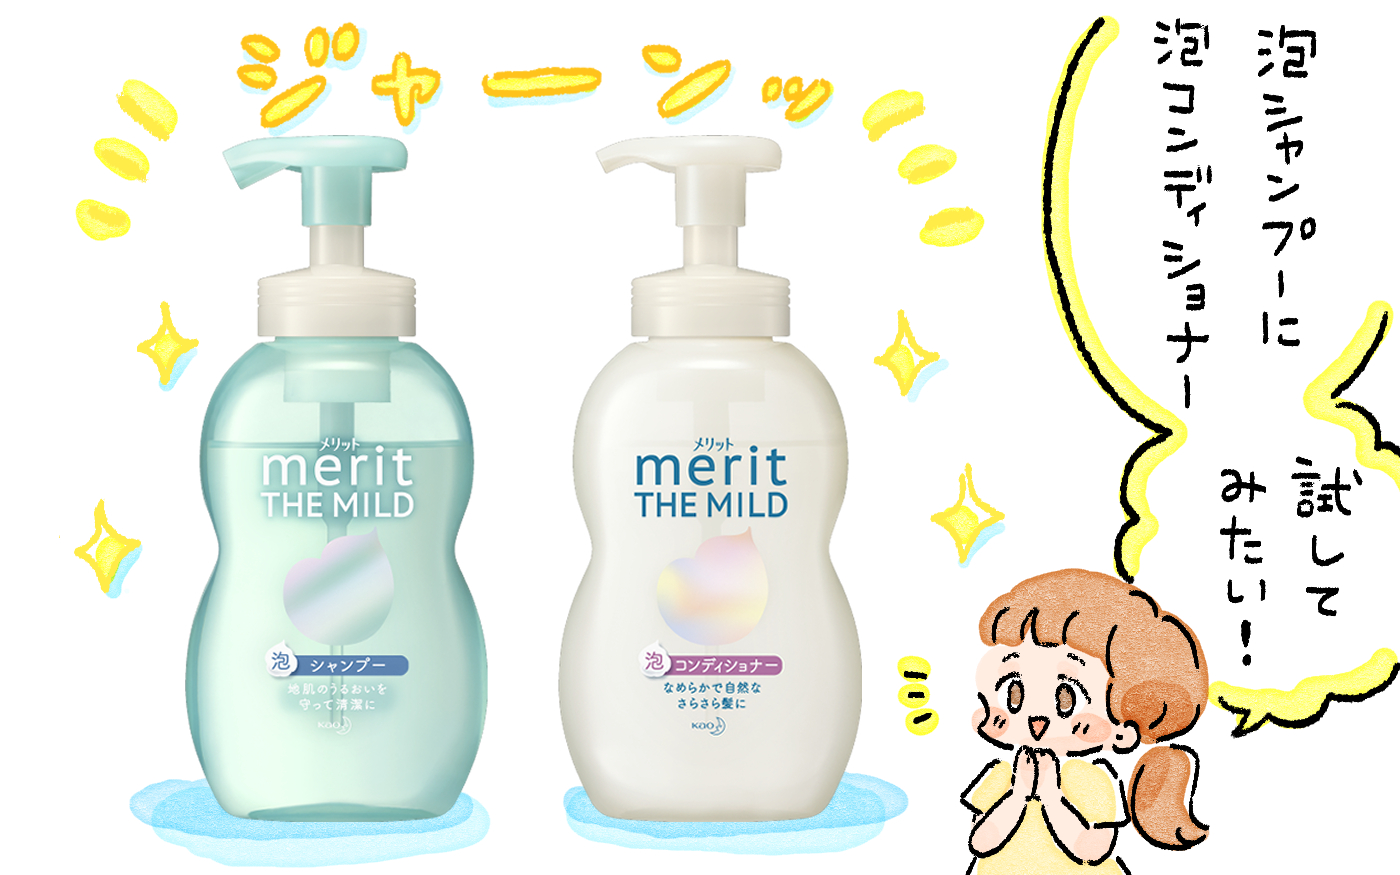 地肌・髪へのやさしさを考えた「泡シャンプー&泡コンディショナー」誕生!ふわもこ泡って?